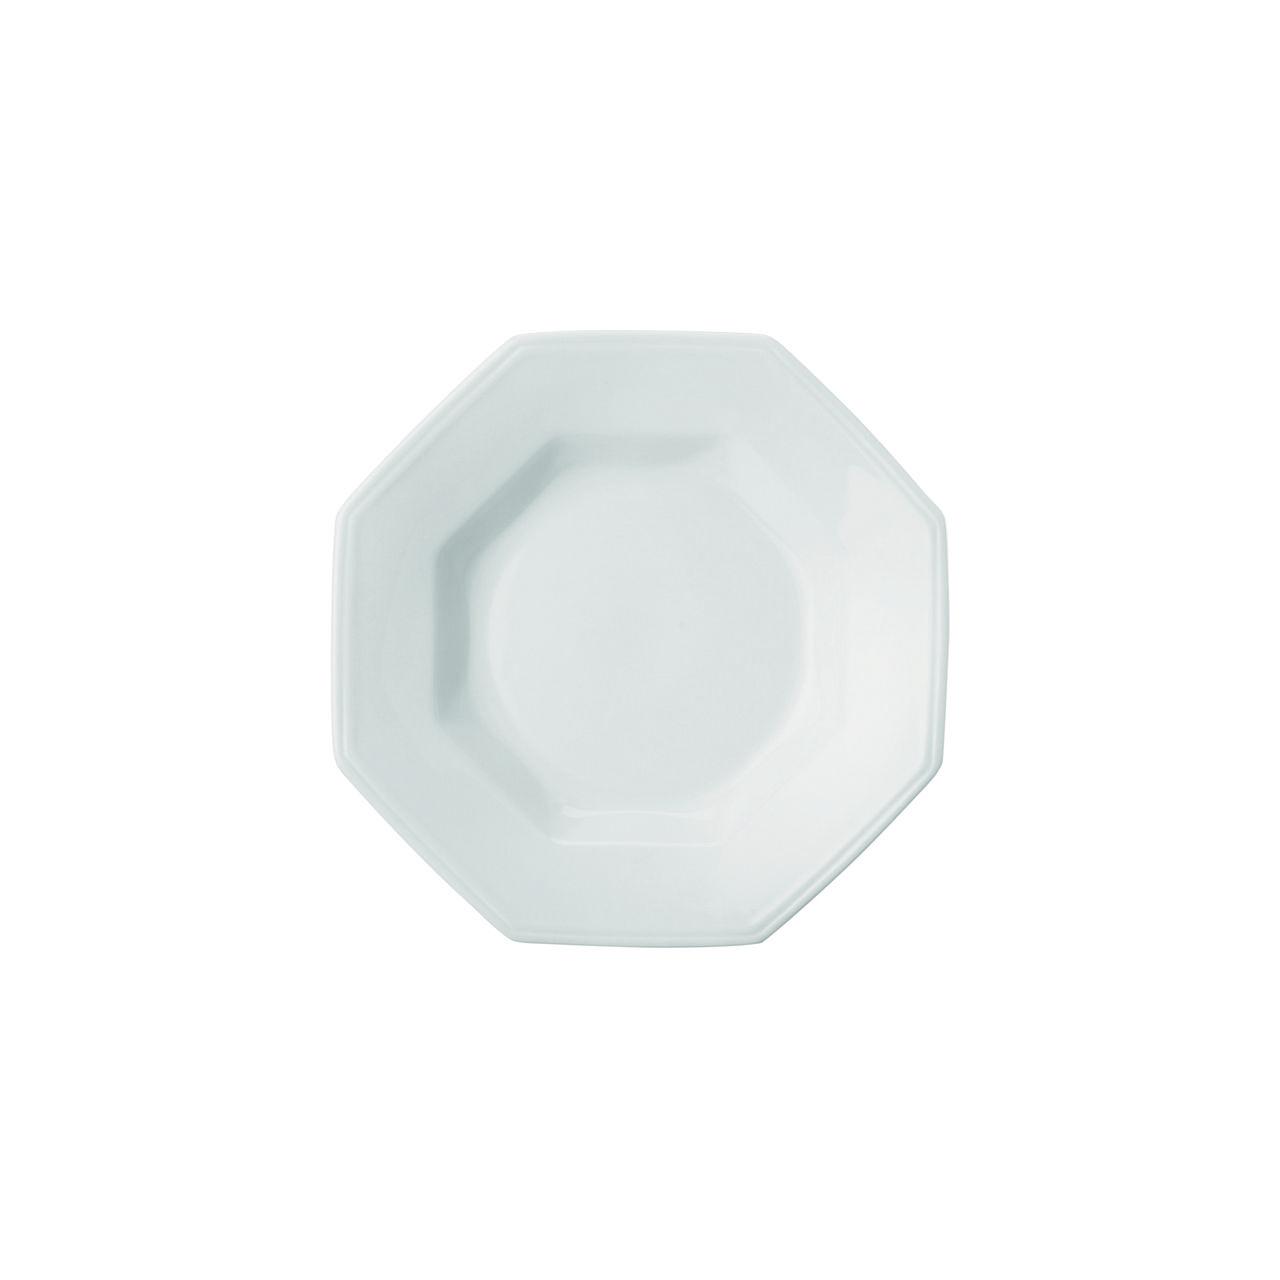 Estojo Com 12 Pratos Fundos 24cm Porcelana Prisma Branca - Schmidt